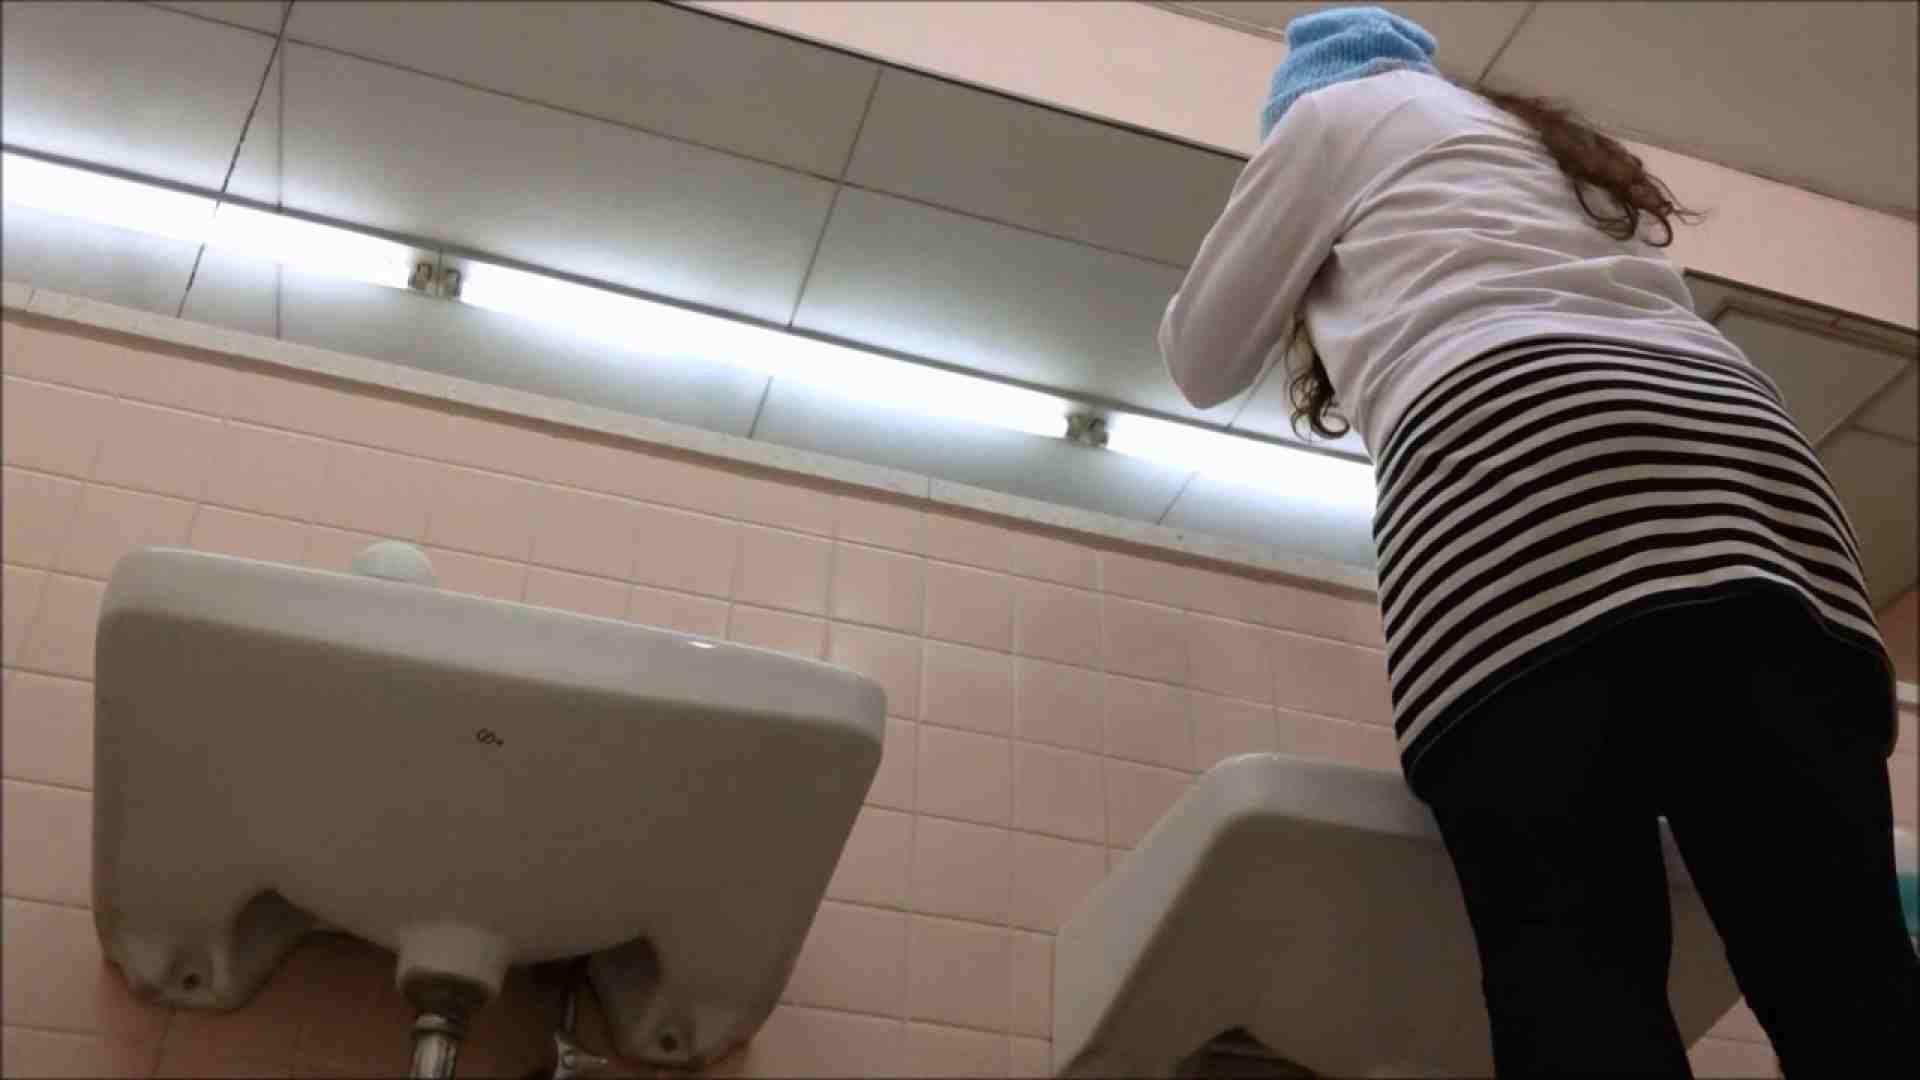 某有名大学女性洗面所 vol.10 和式   排泄  52PIX 37